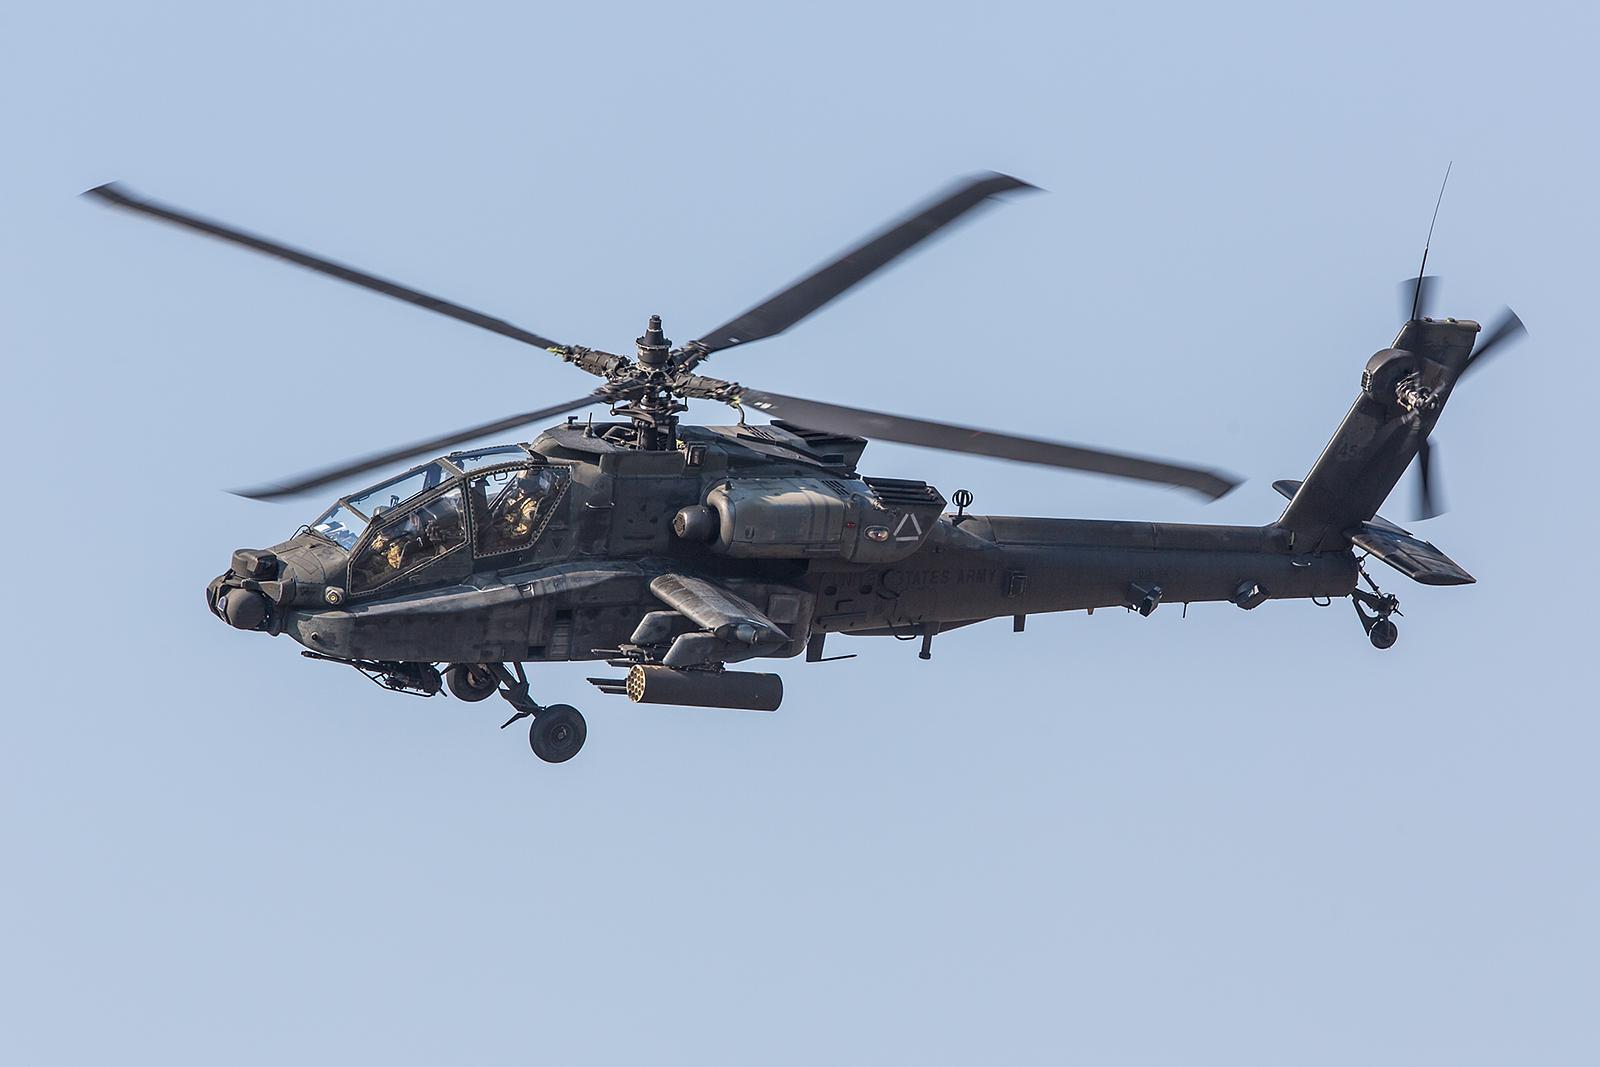 Insgesamt 5 Apache aus Illesheim nahmen an der Übung teil.